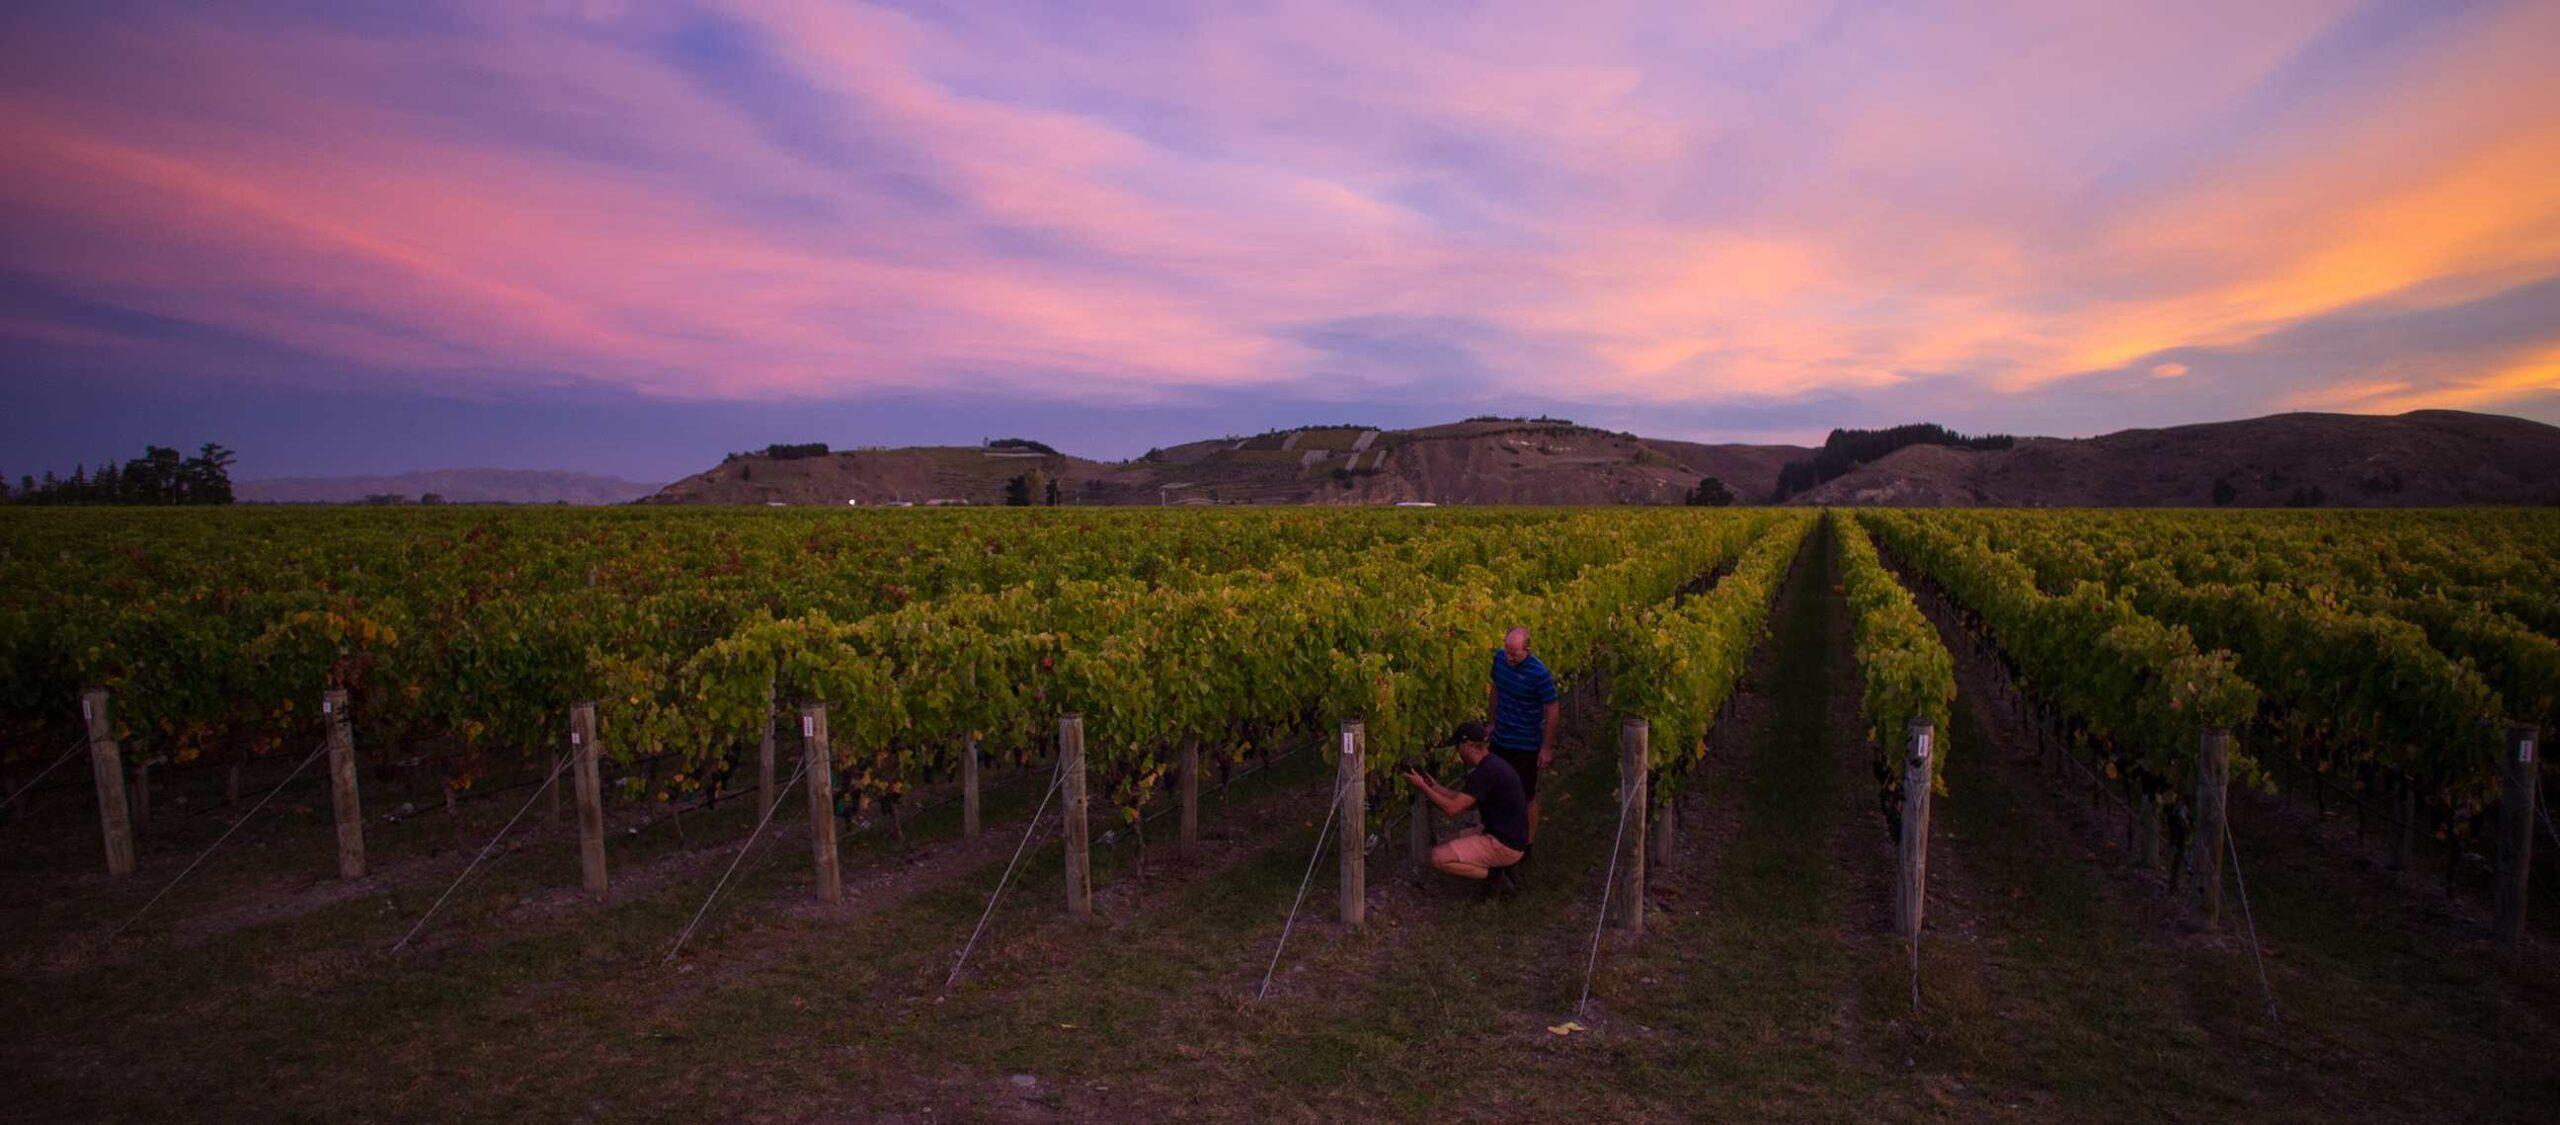 Craggy Range Winery Sunset New Zealand